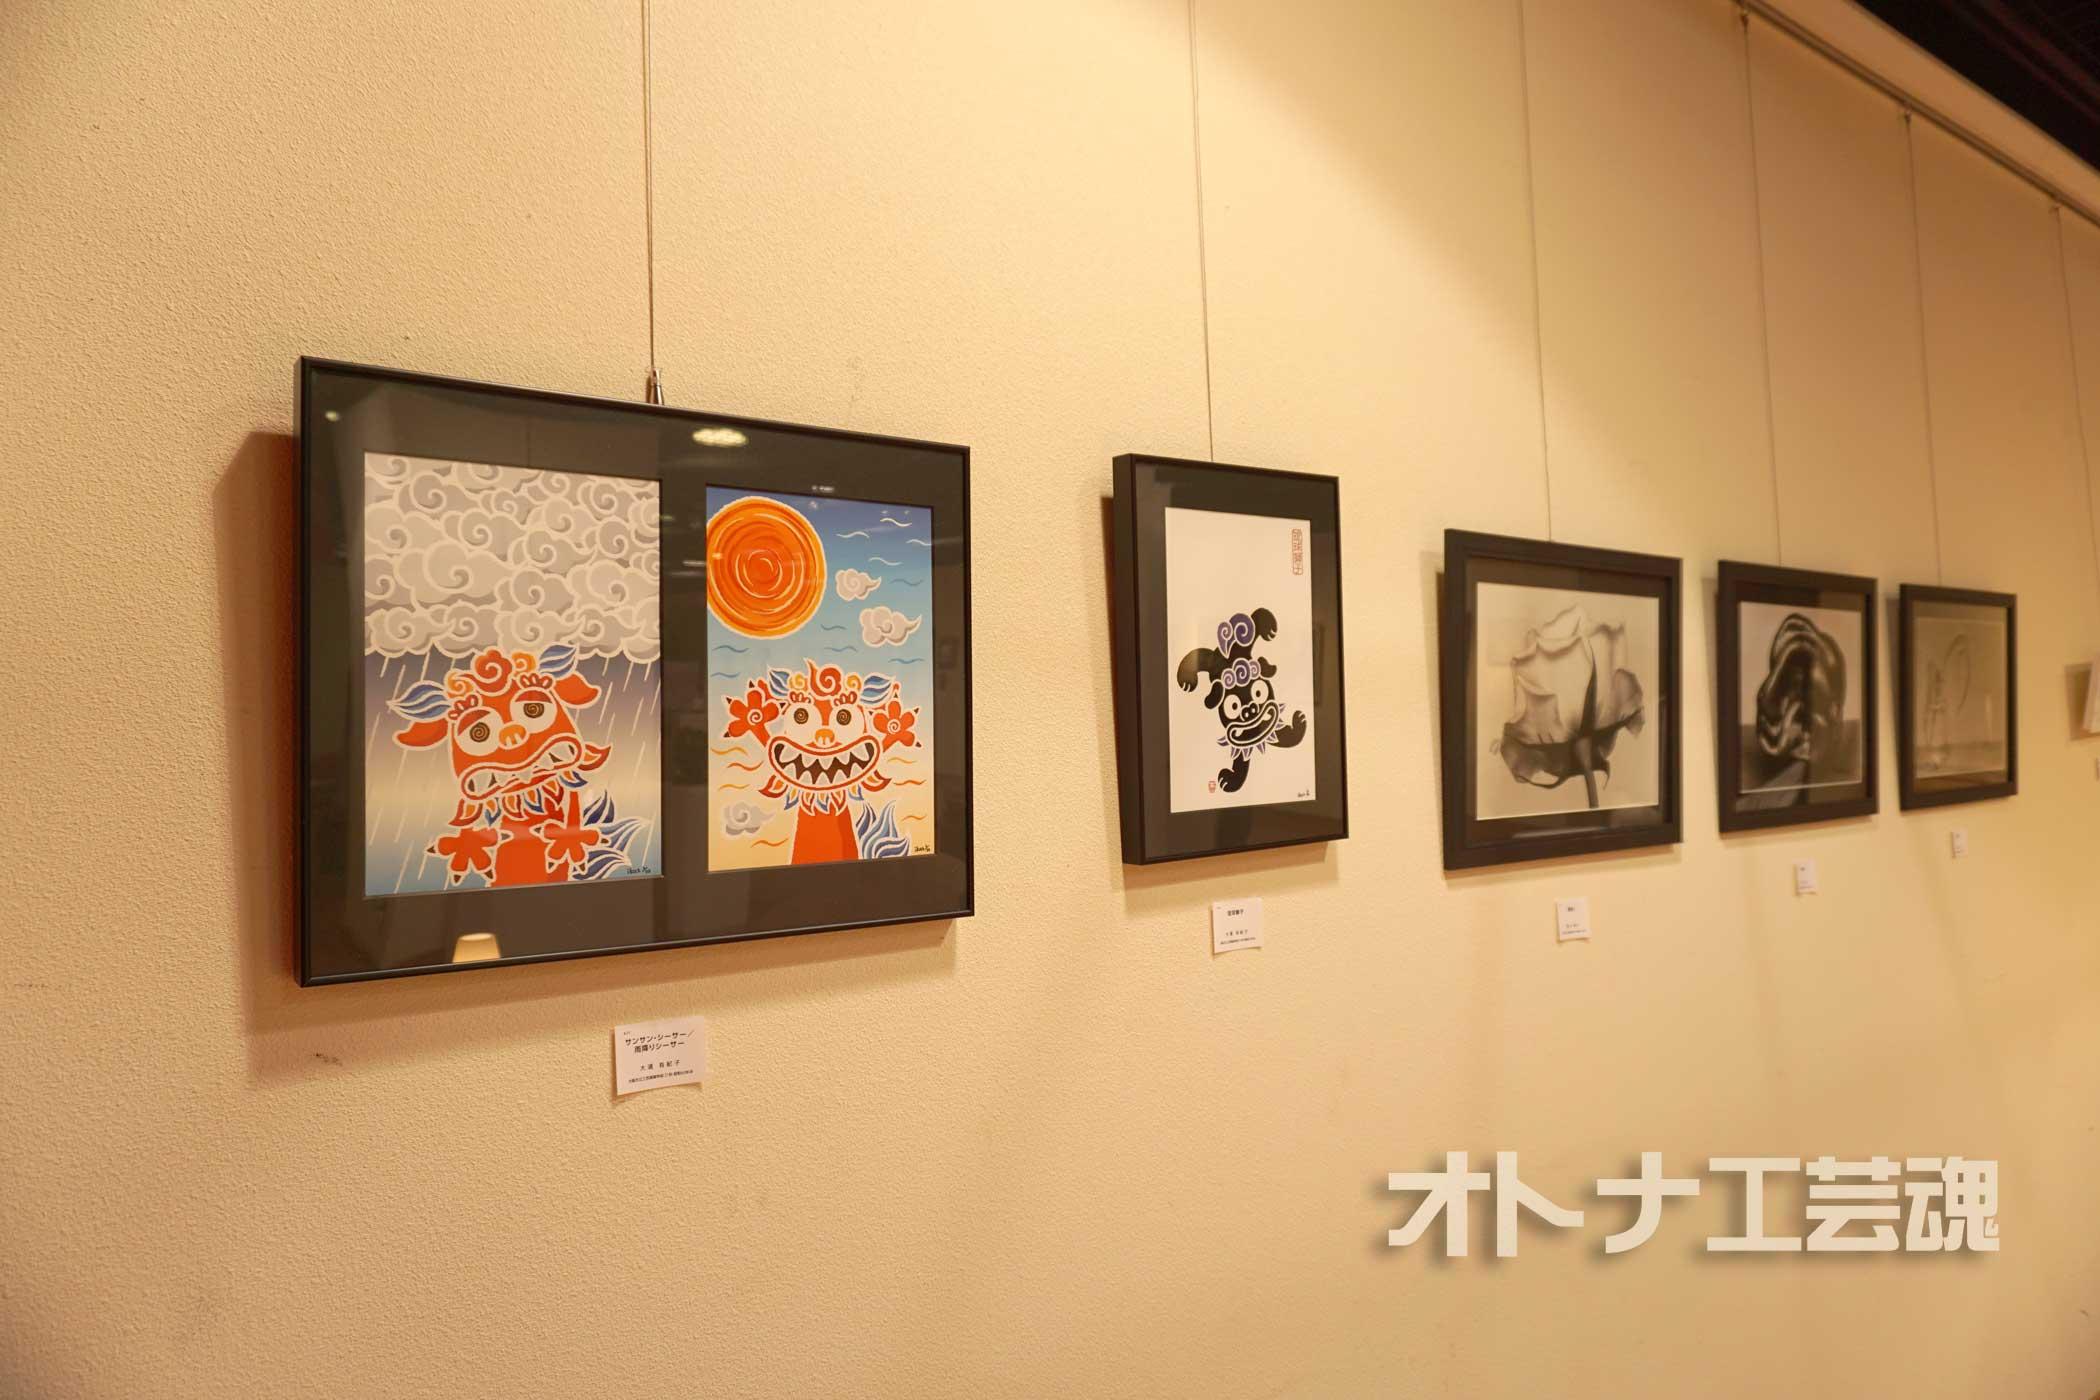 オトナ工芸魂展2015